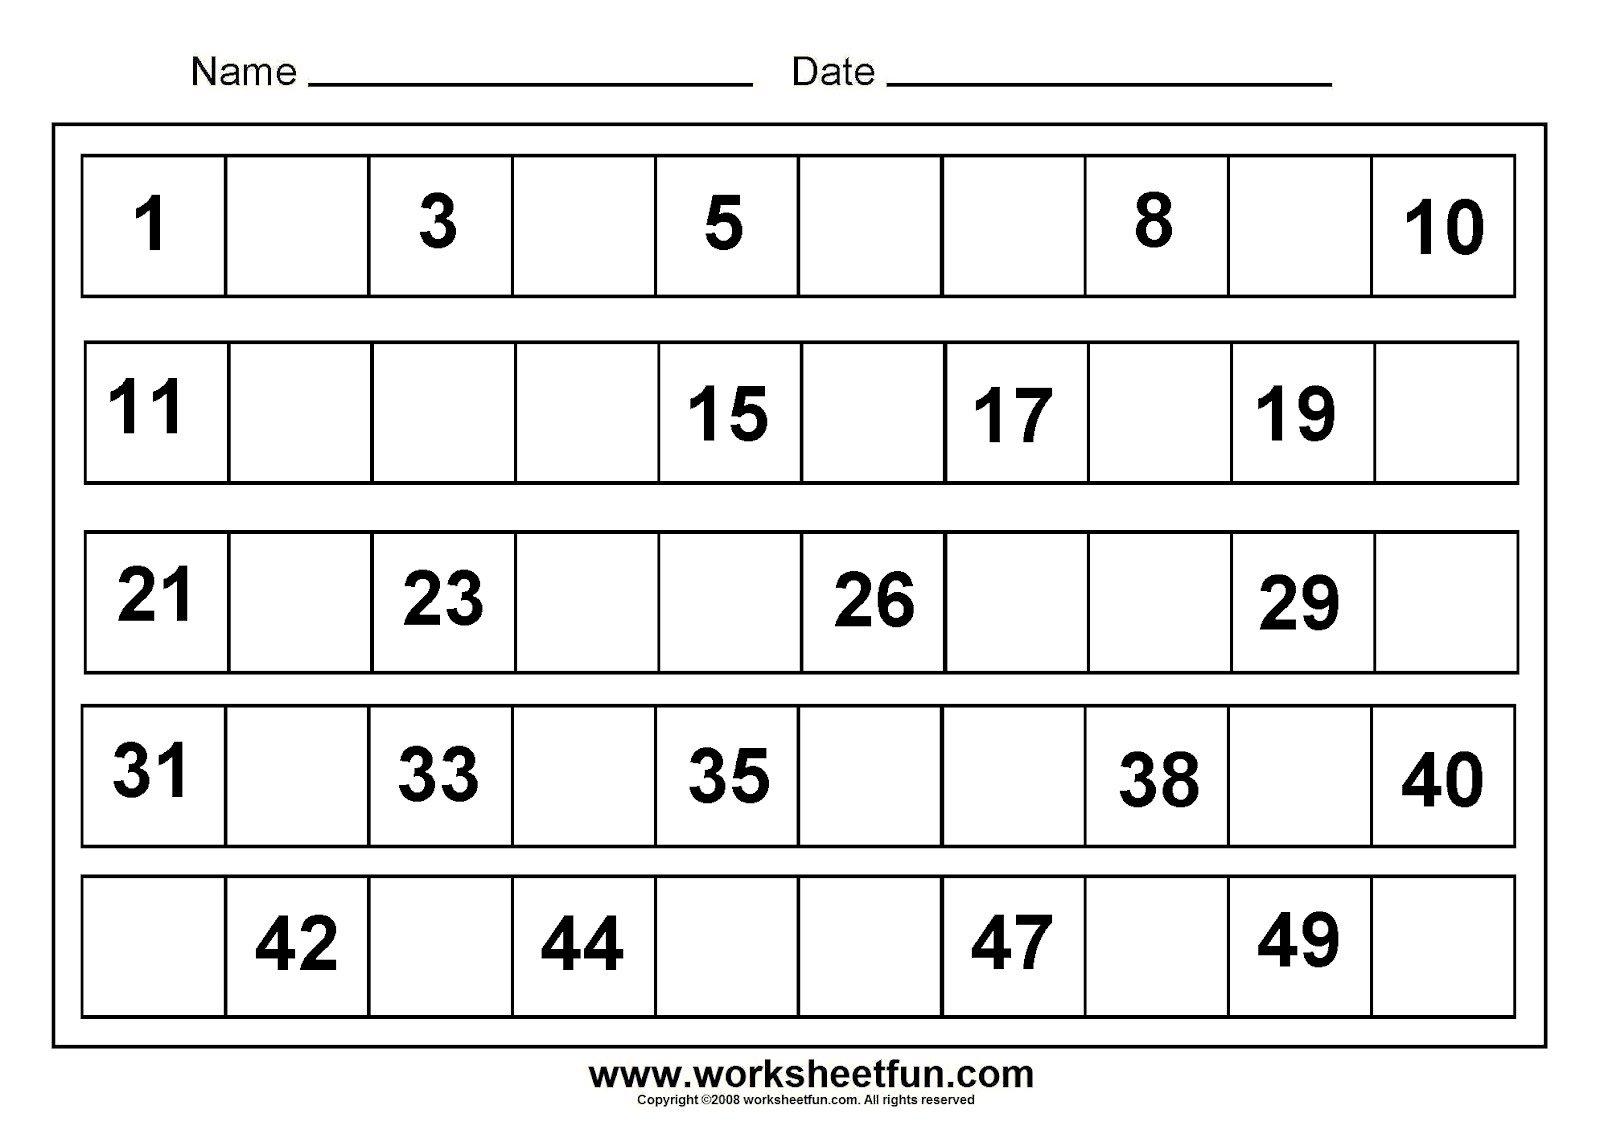 Math Worksheets For Kindergarten Printable The Best Worksheets